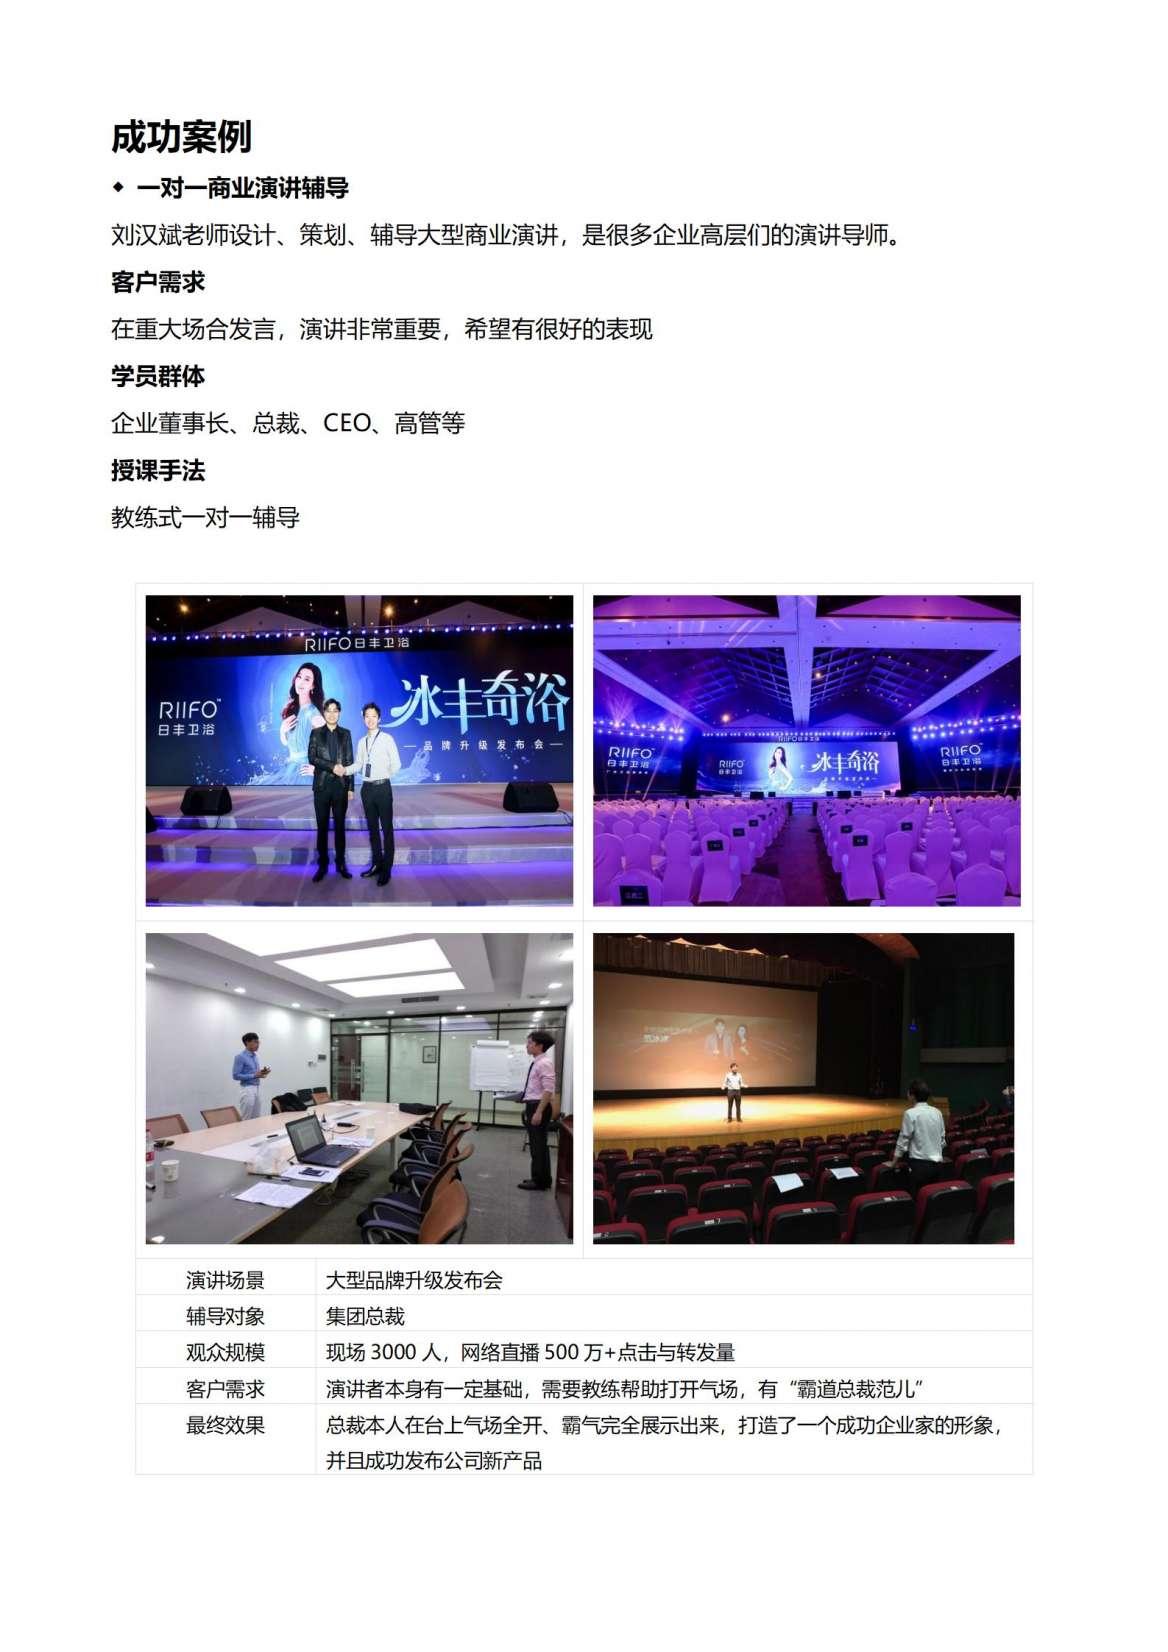 刘汉斌老师 简介_05